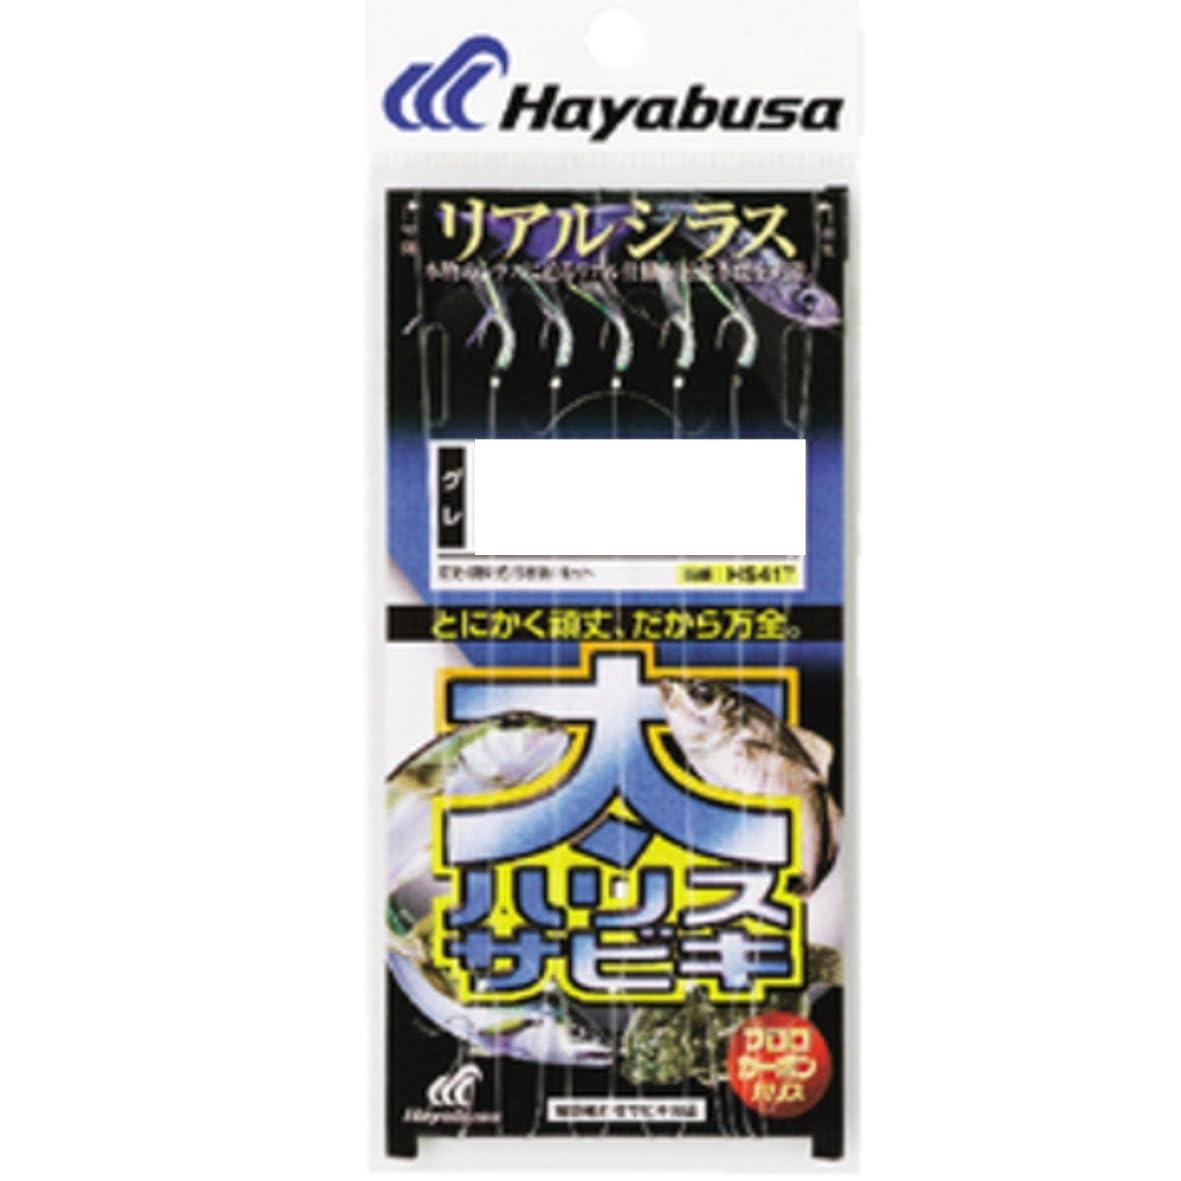 市長利得未亡人ハヤブサ(Hayabusa) 太ハリスサビキ リアルシラス 3-2.5